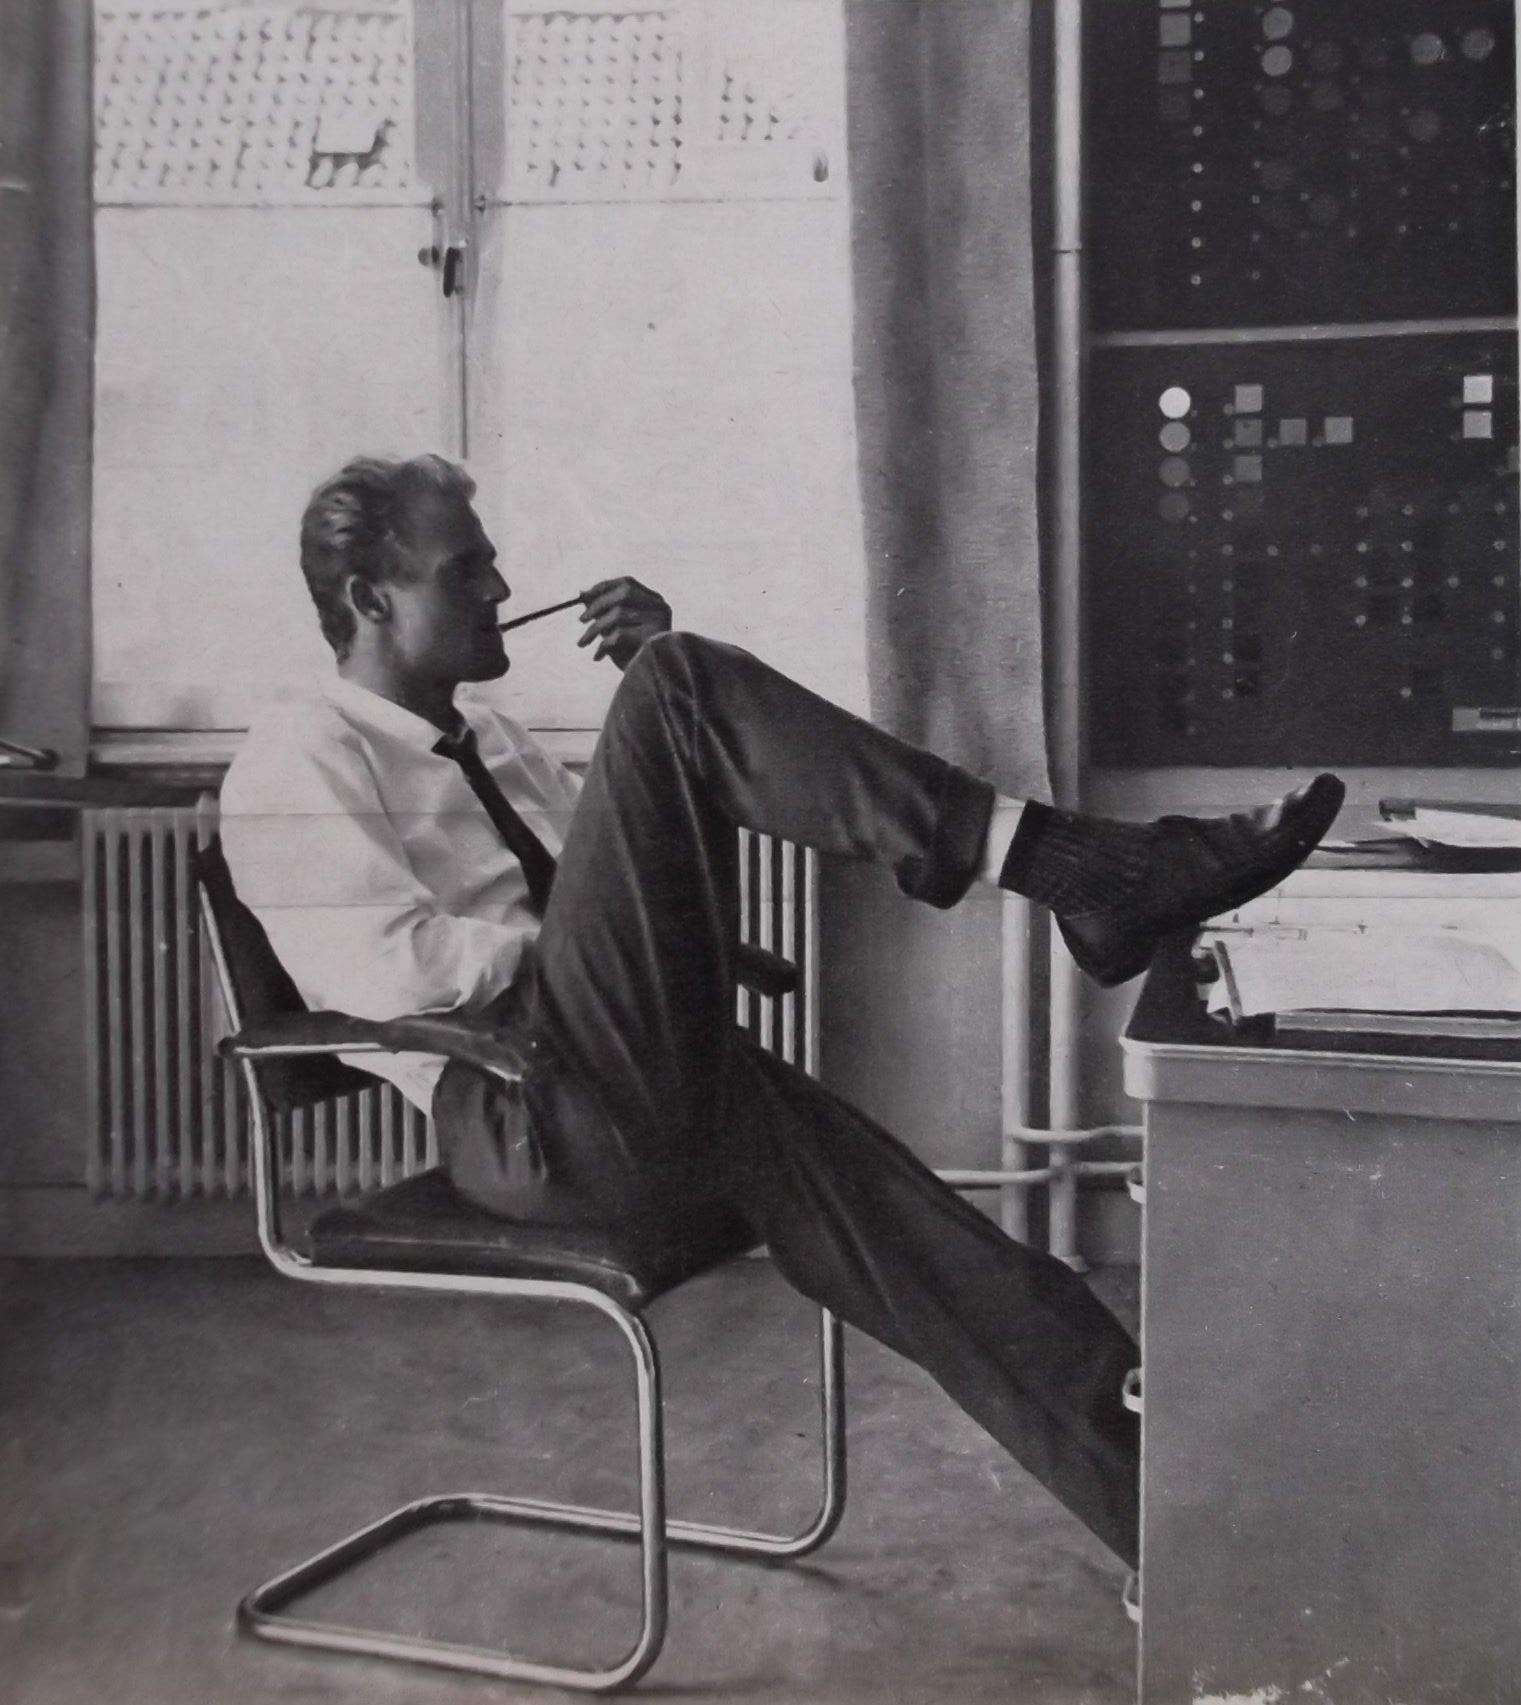 Jan van der Does in de Emmatraat, Hilversum. Foto uit de TeleVisier van 5-5-1962. (Archief Jan van der Does)